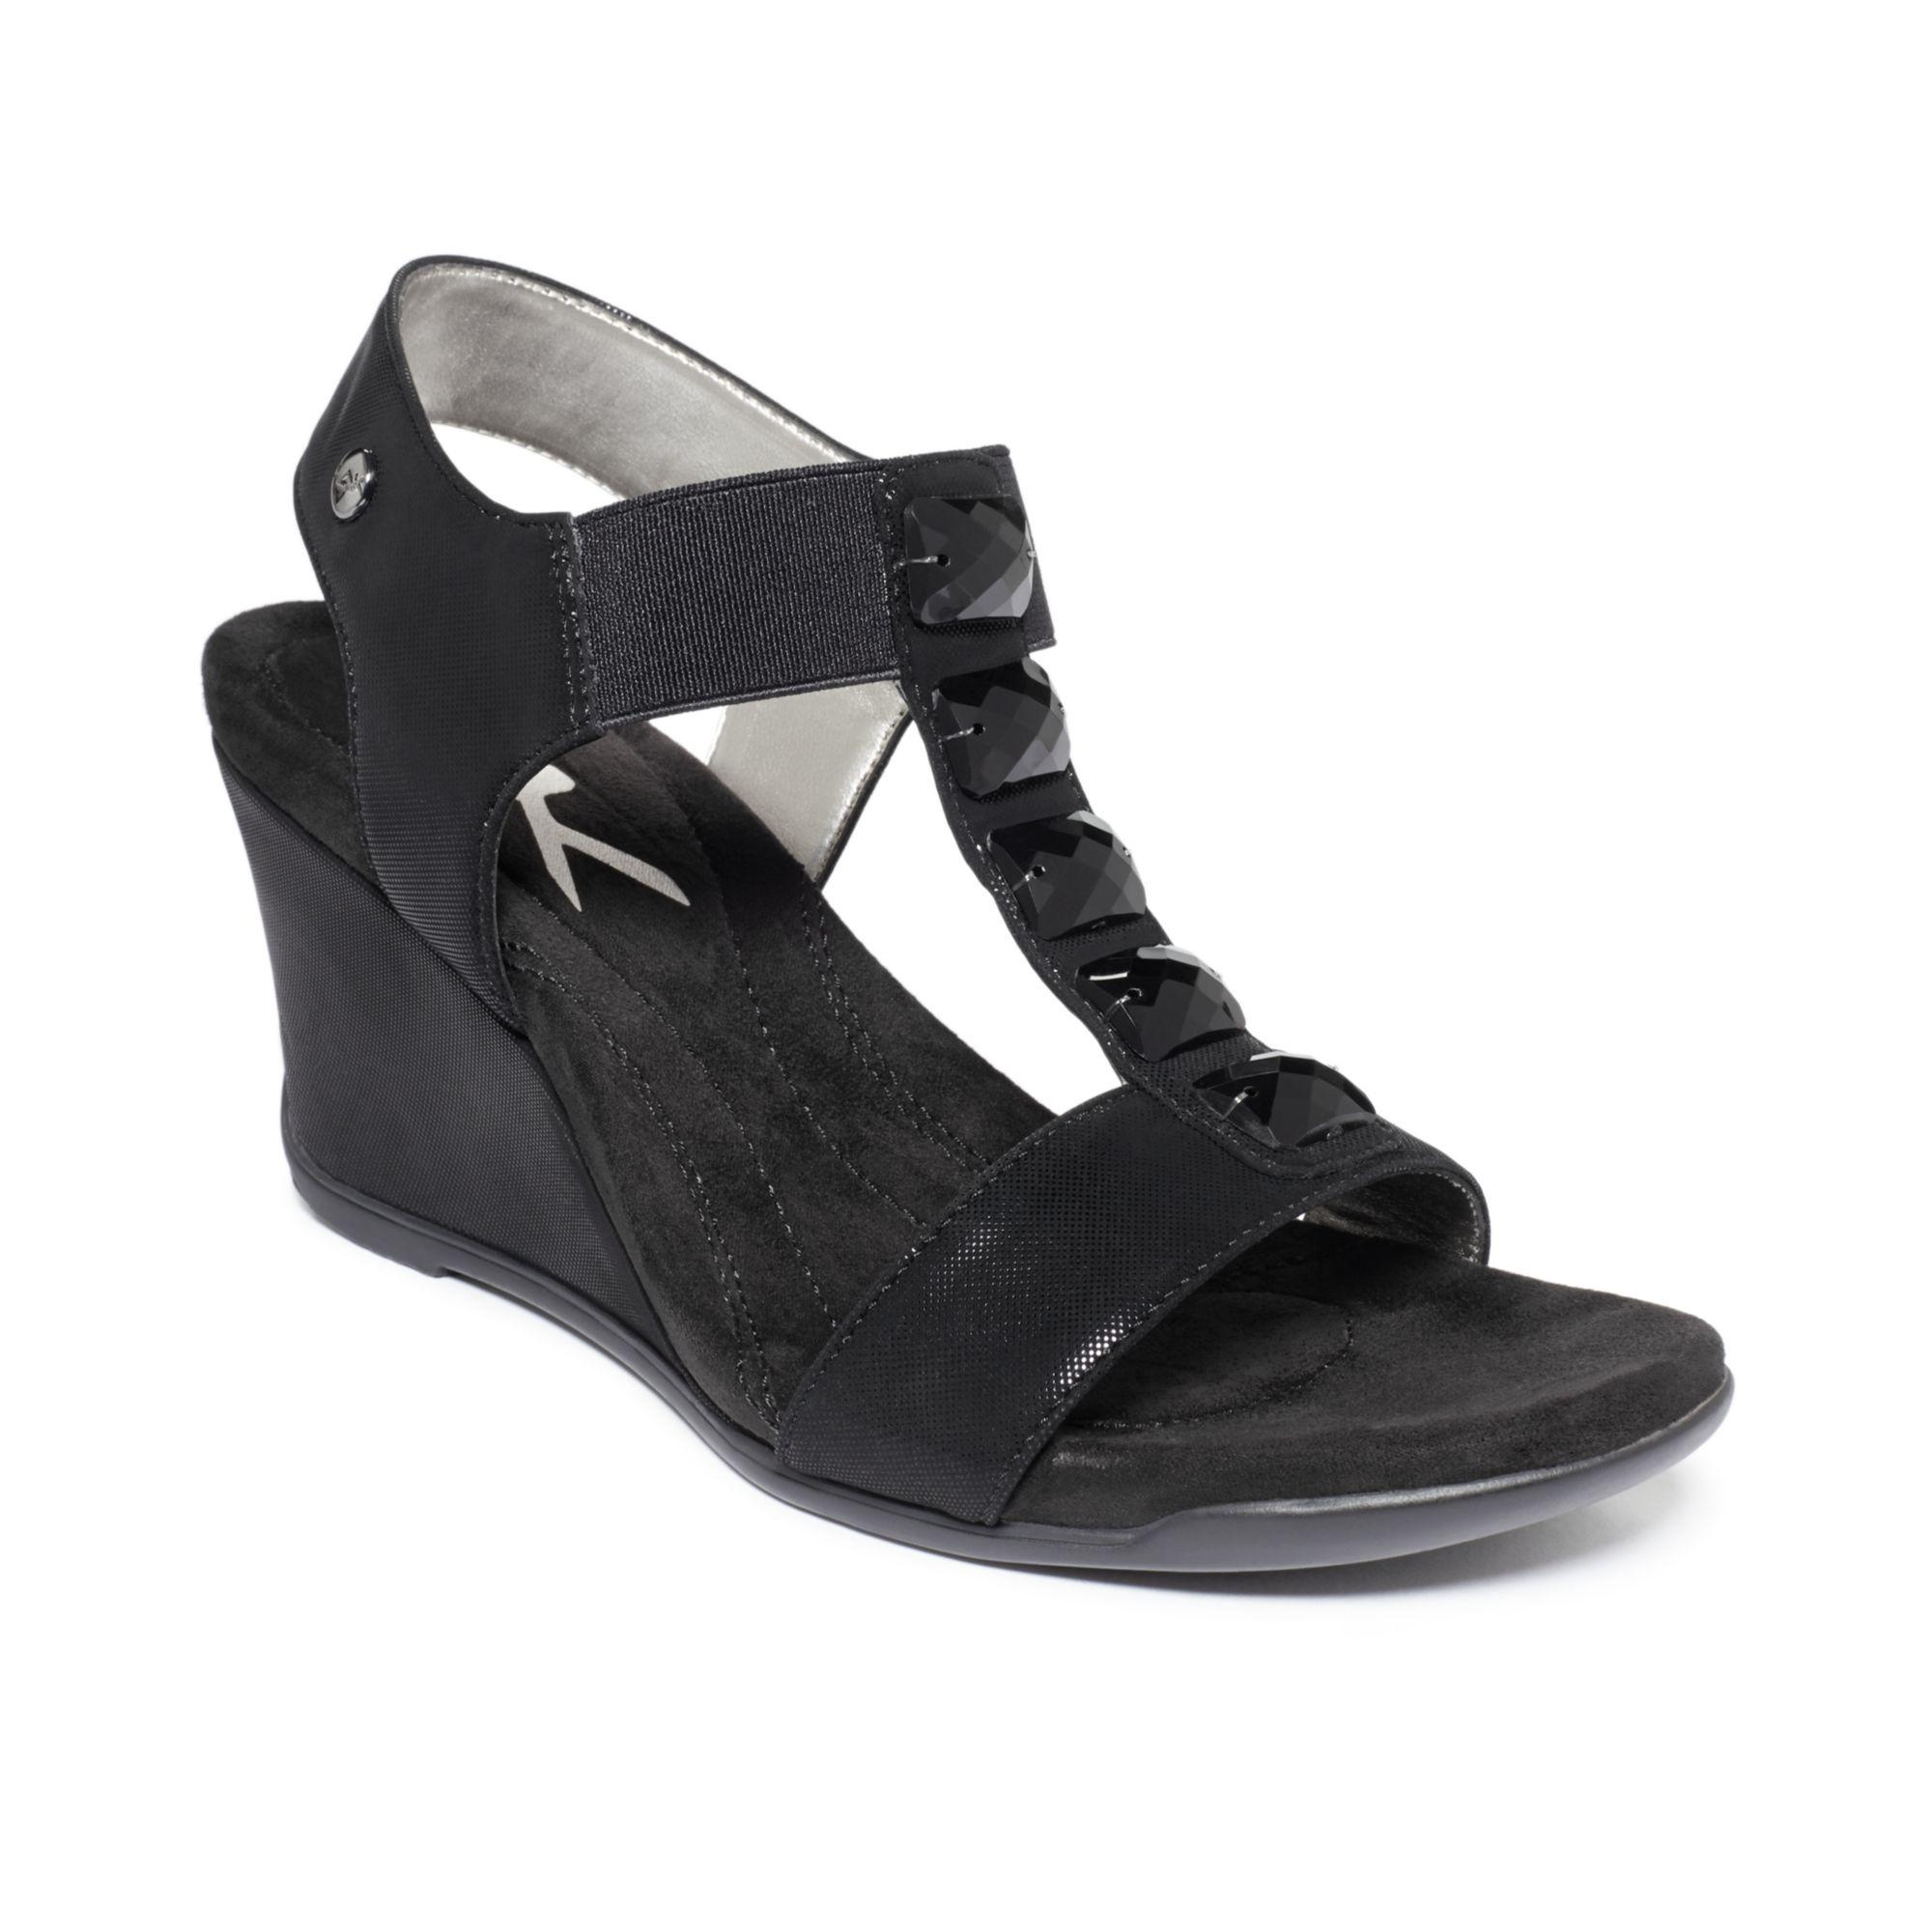 d02c5c2b88d Lyst - Anne Klein Lofty Sport Wedge Sandals in Black